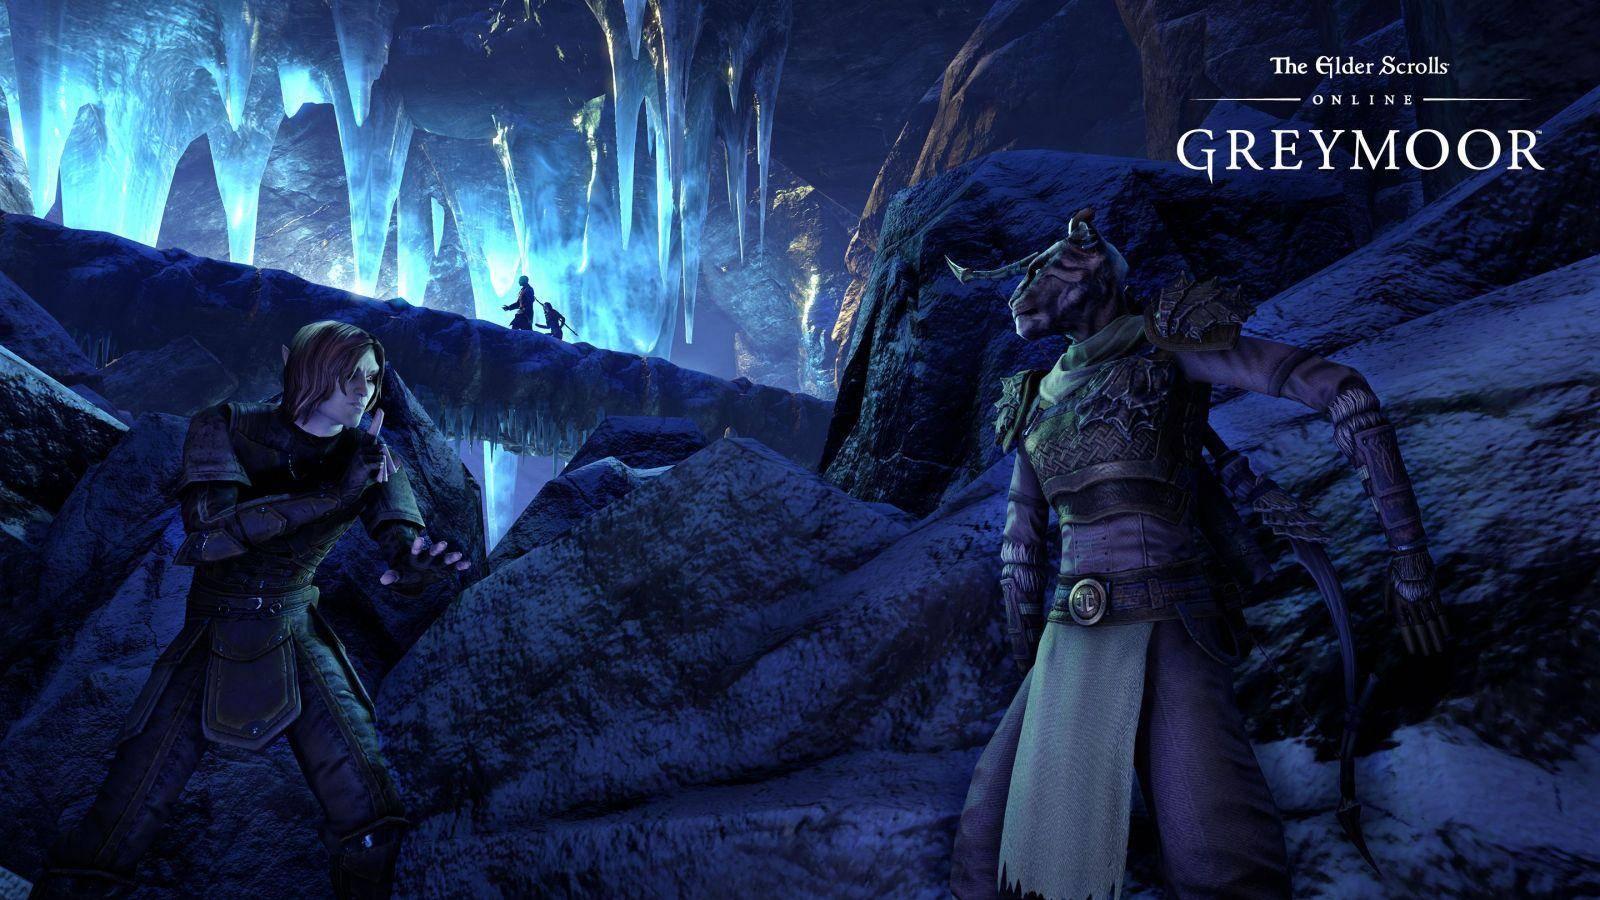 La tierra de Skyrim regresa a consolas con The Elder Scrolls Online 3